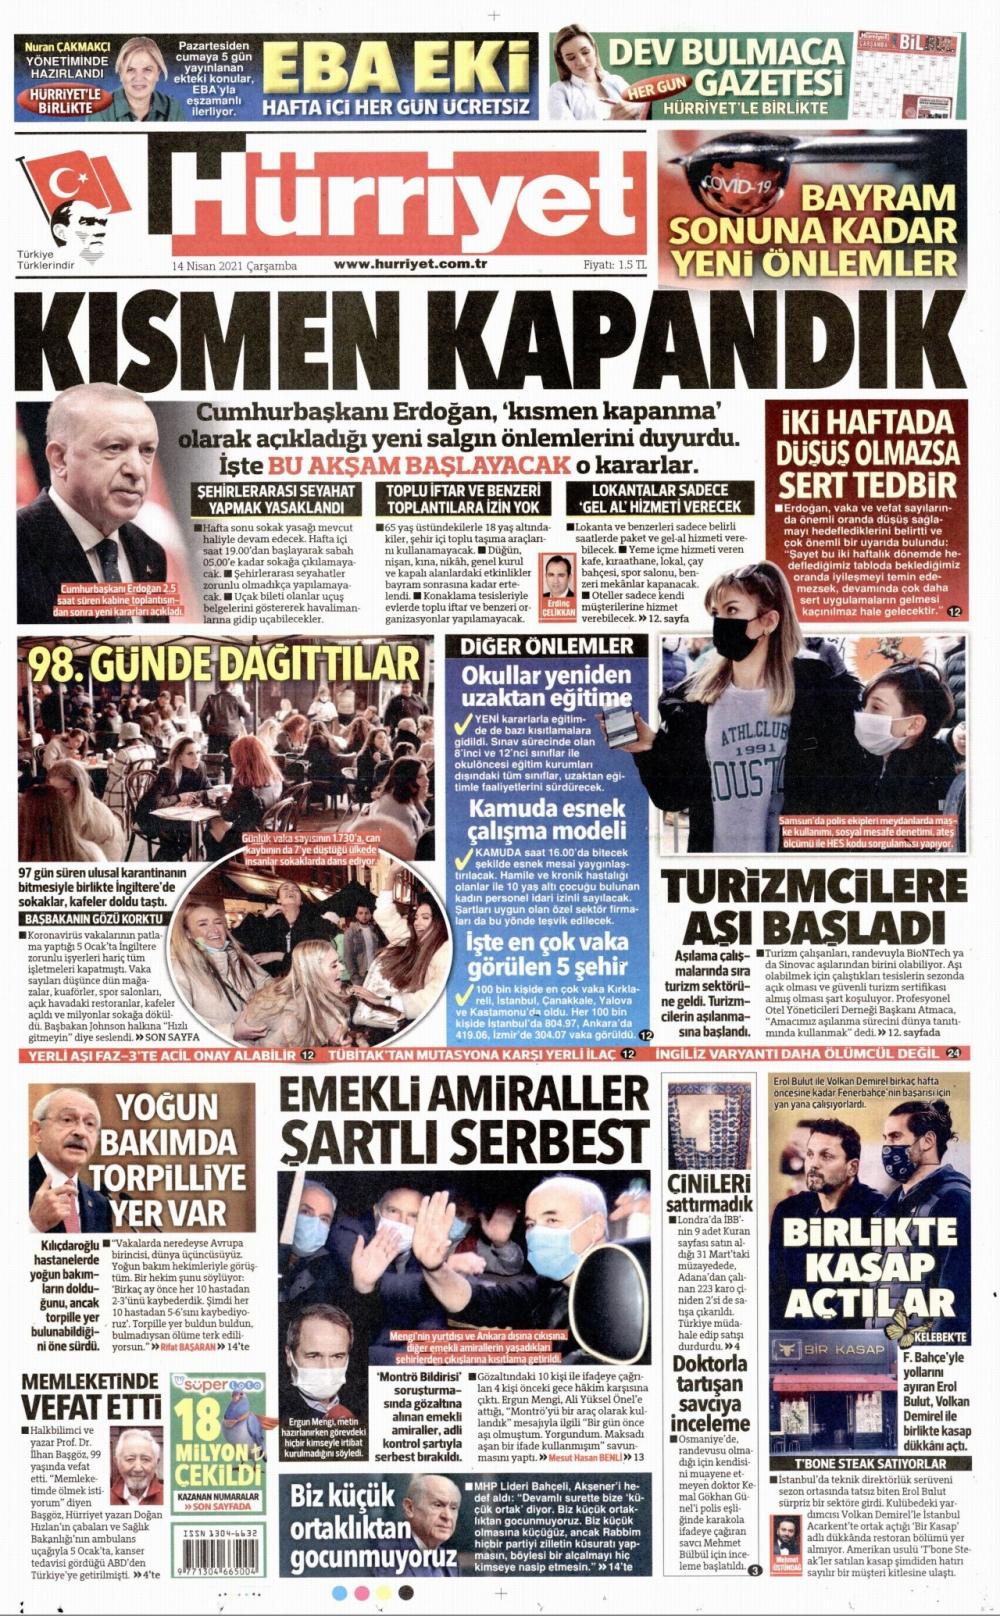 Günün Gazete Manşetleri 14 Nisan 2021 Gazeteler Ne Diyor? 1